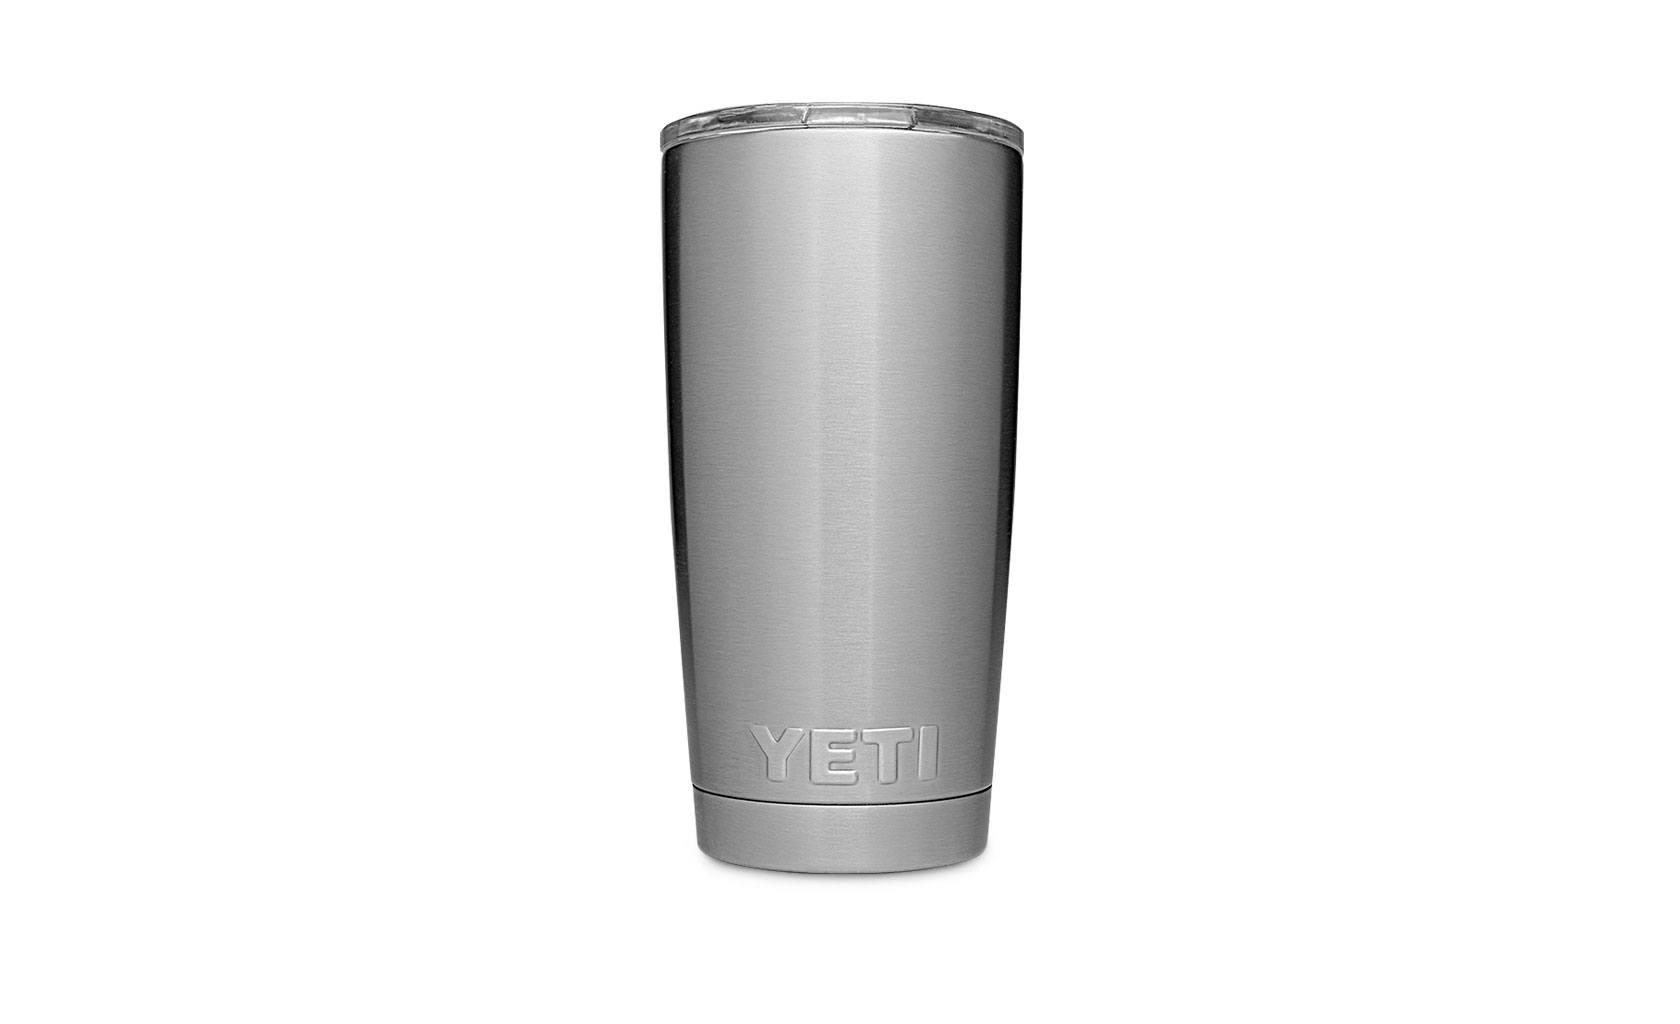 Yeti Rambler Cup